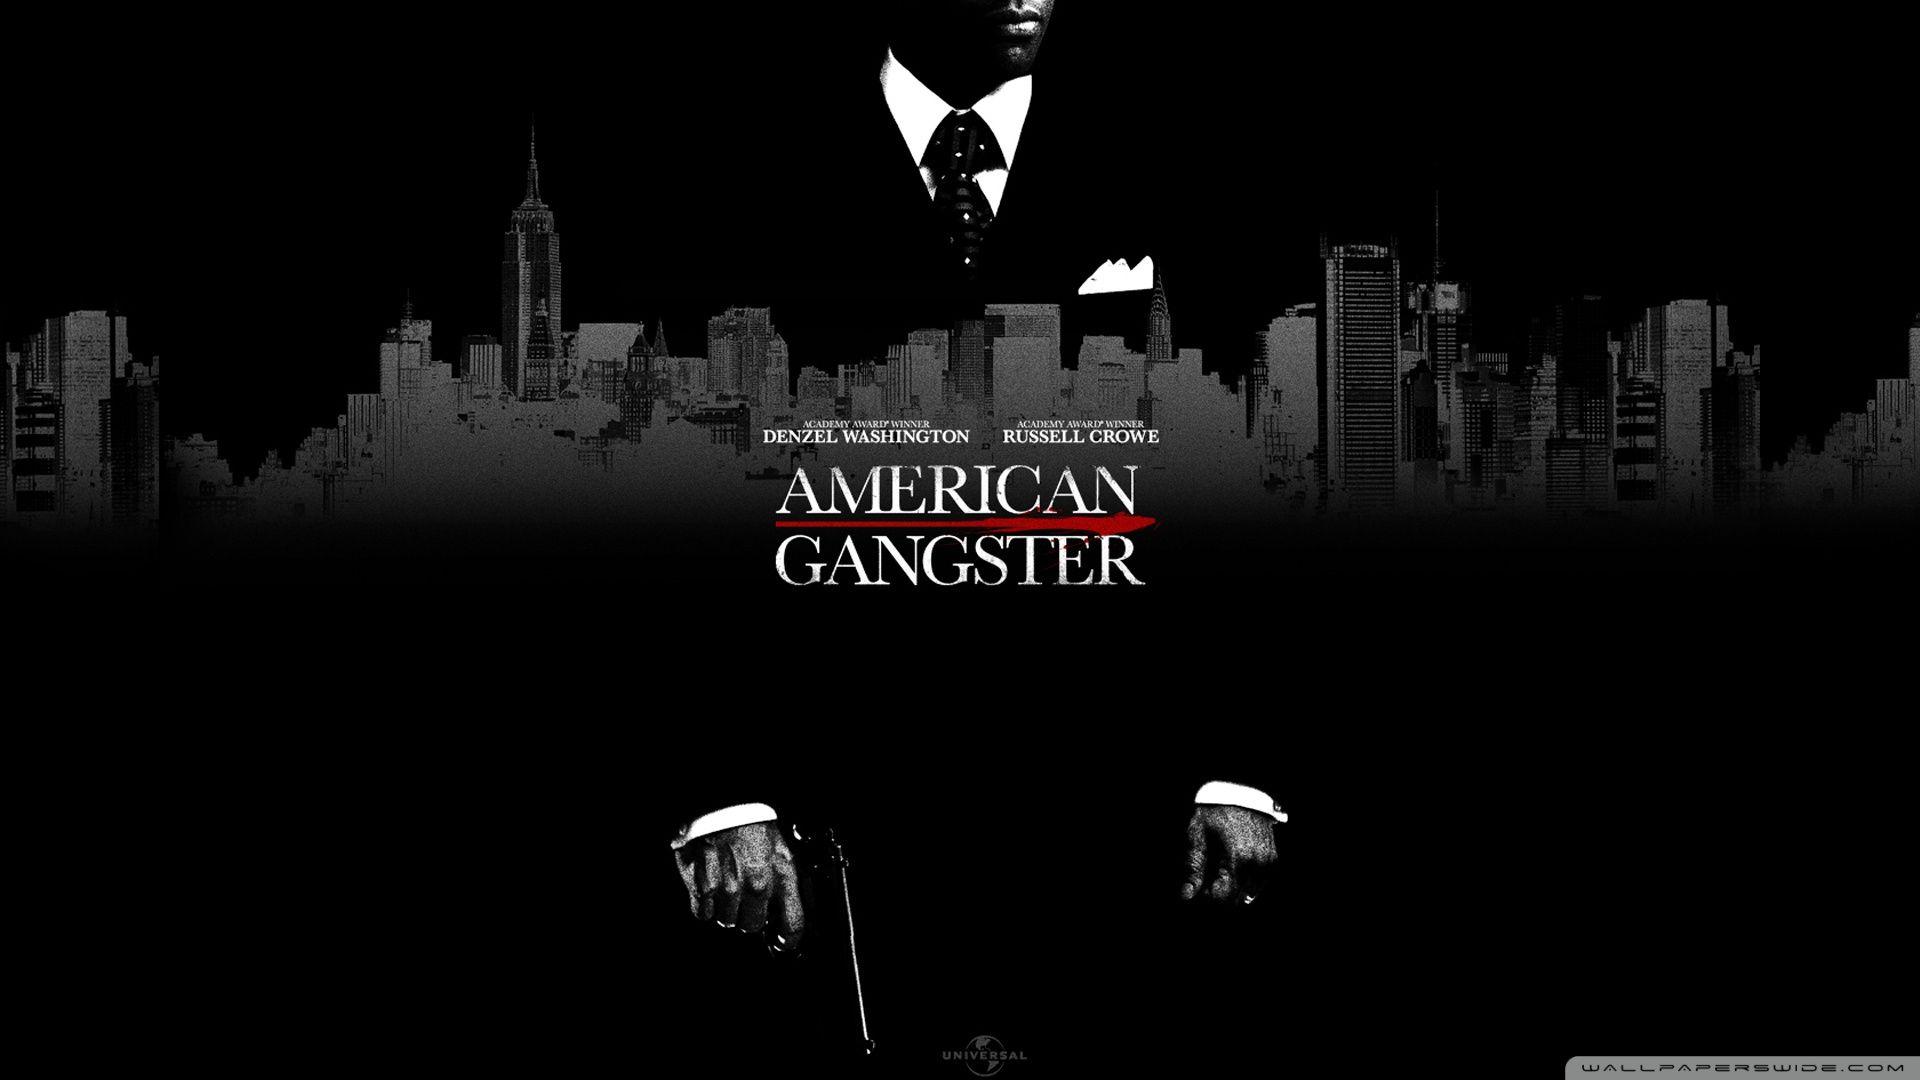 American Gangster HD desktop wallpaper Widescreen High